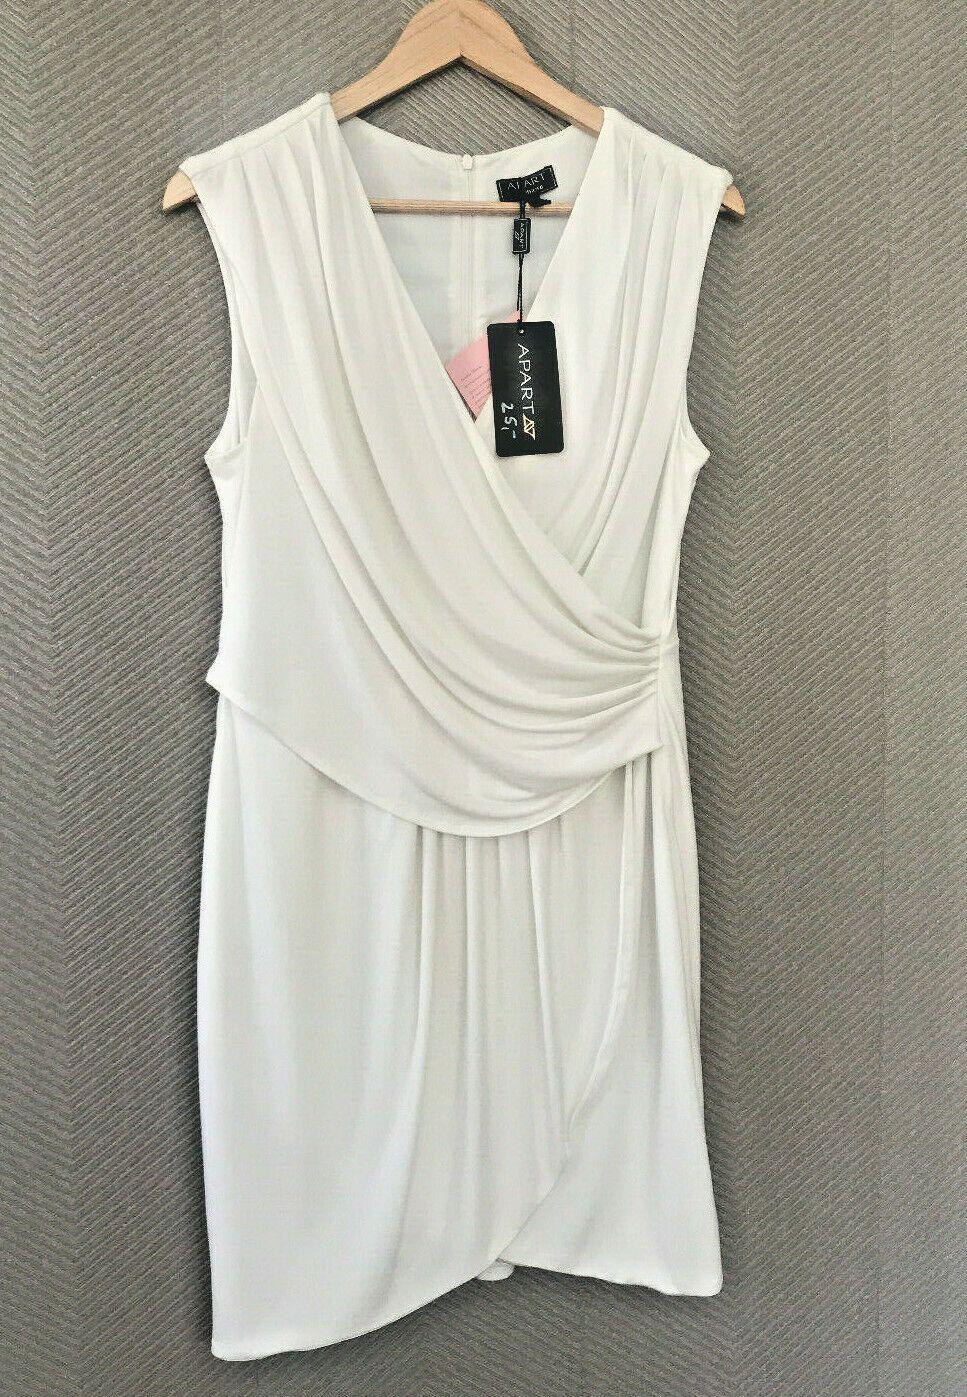 Apart Kleid weiss weiß Größe 17 Material: Polyester/Elasthan